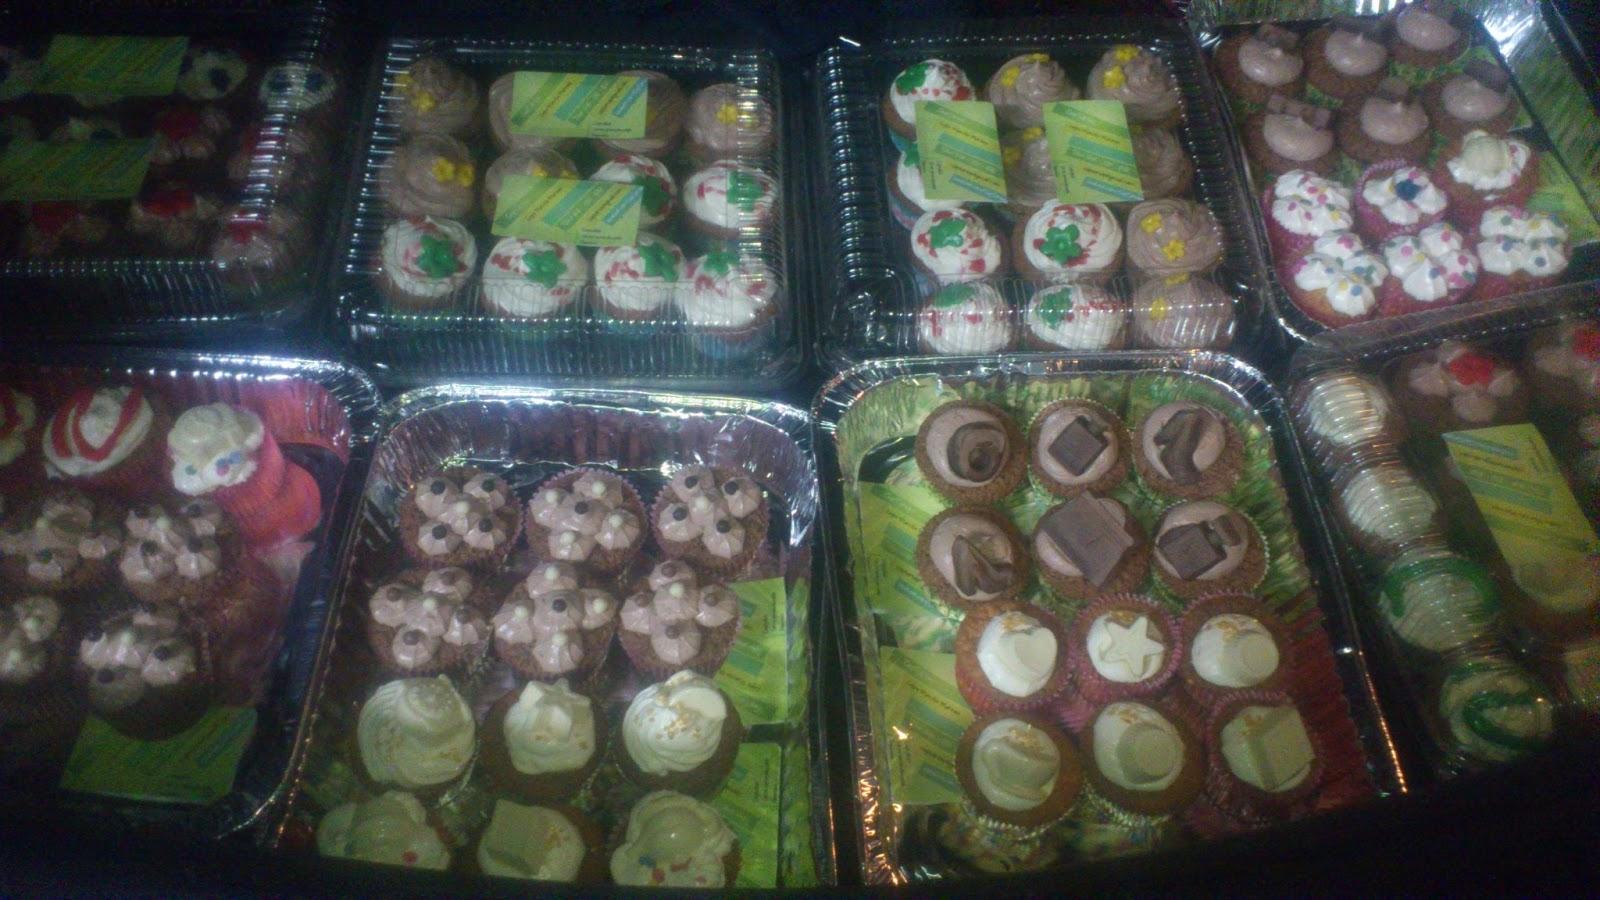 La cocina de leyre un mont n de cupcakes - Cocinas leyre ...